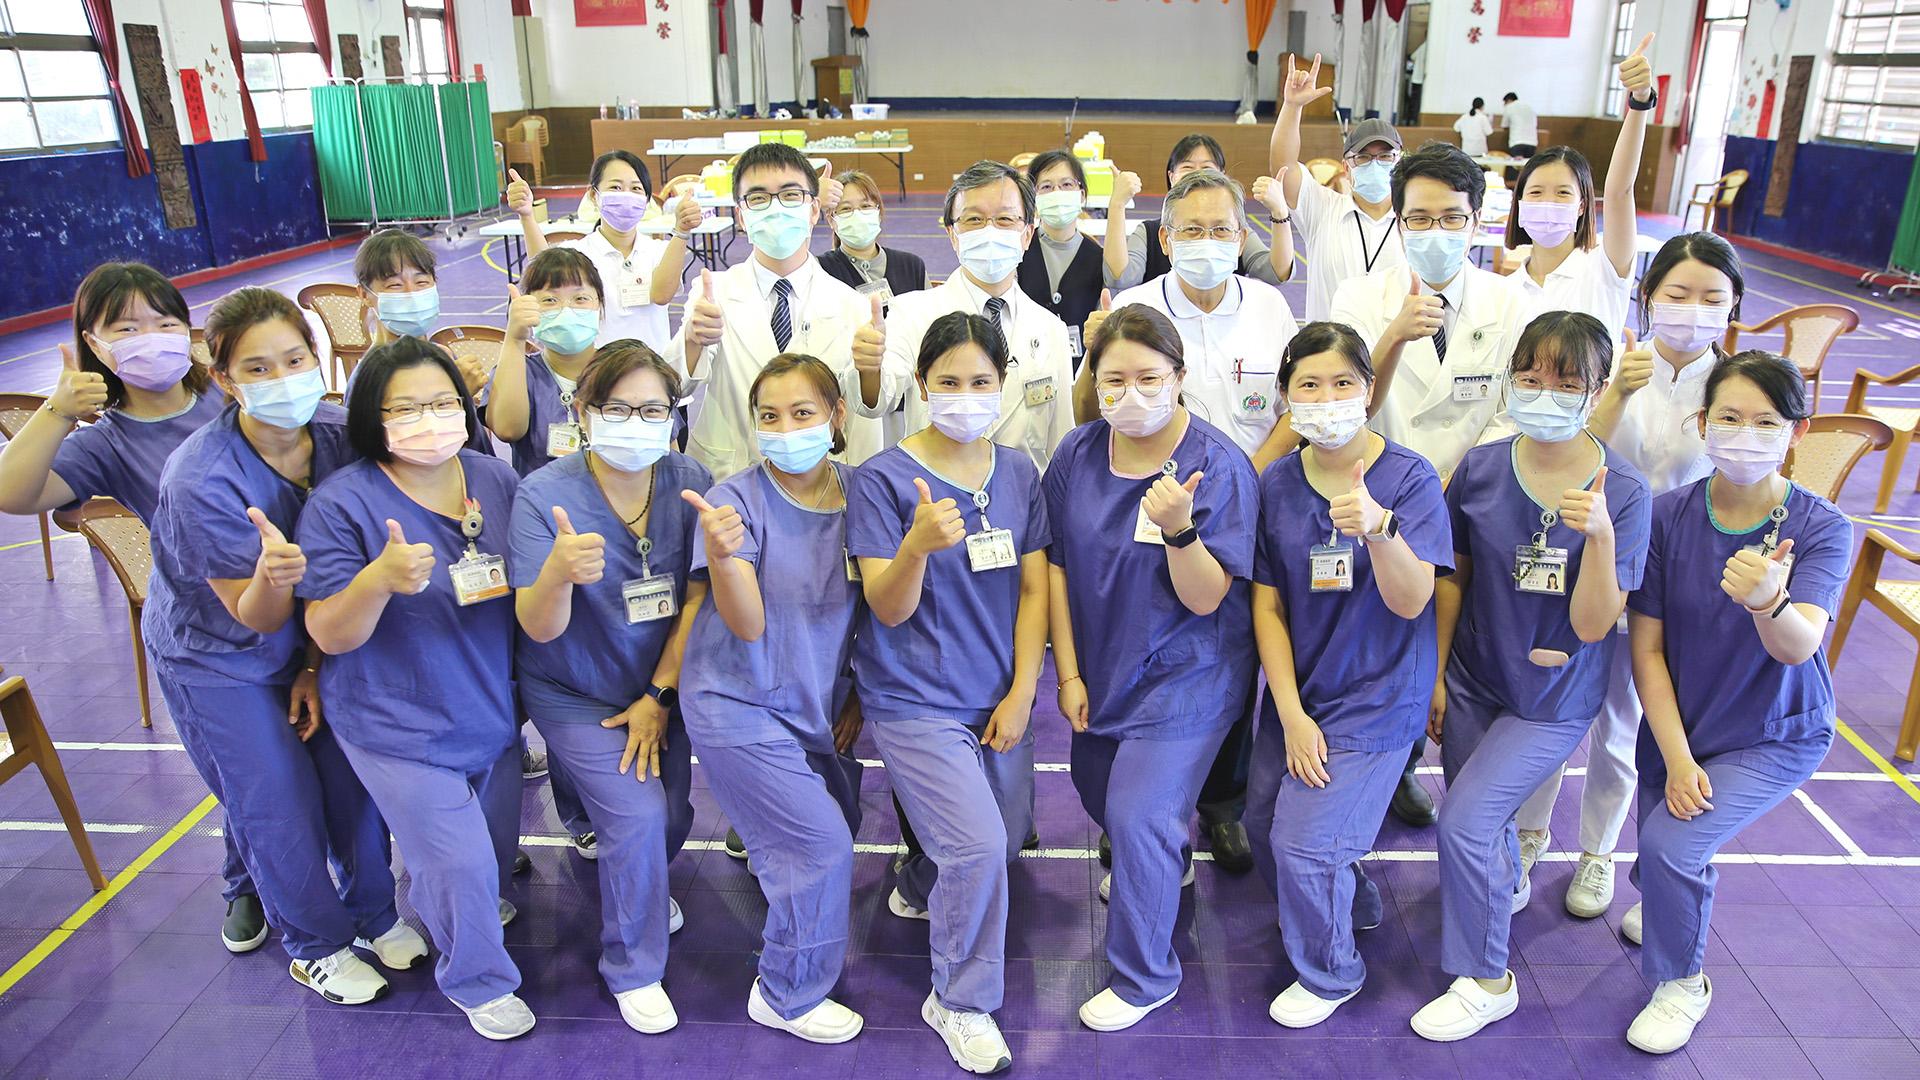 花蓮縣於九月二十三日開打校園BNT疫苗,由花蓮慈濟醫院團隊來到首站四維高中,為近千名學生進行疫苗注射。